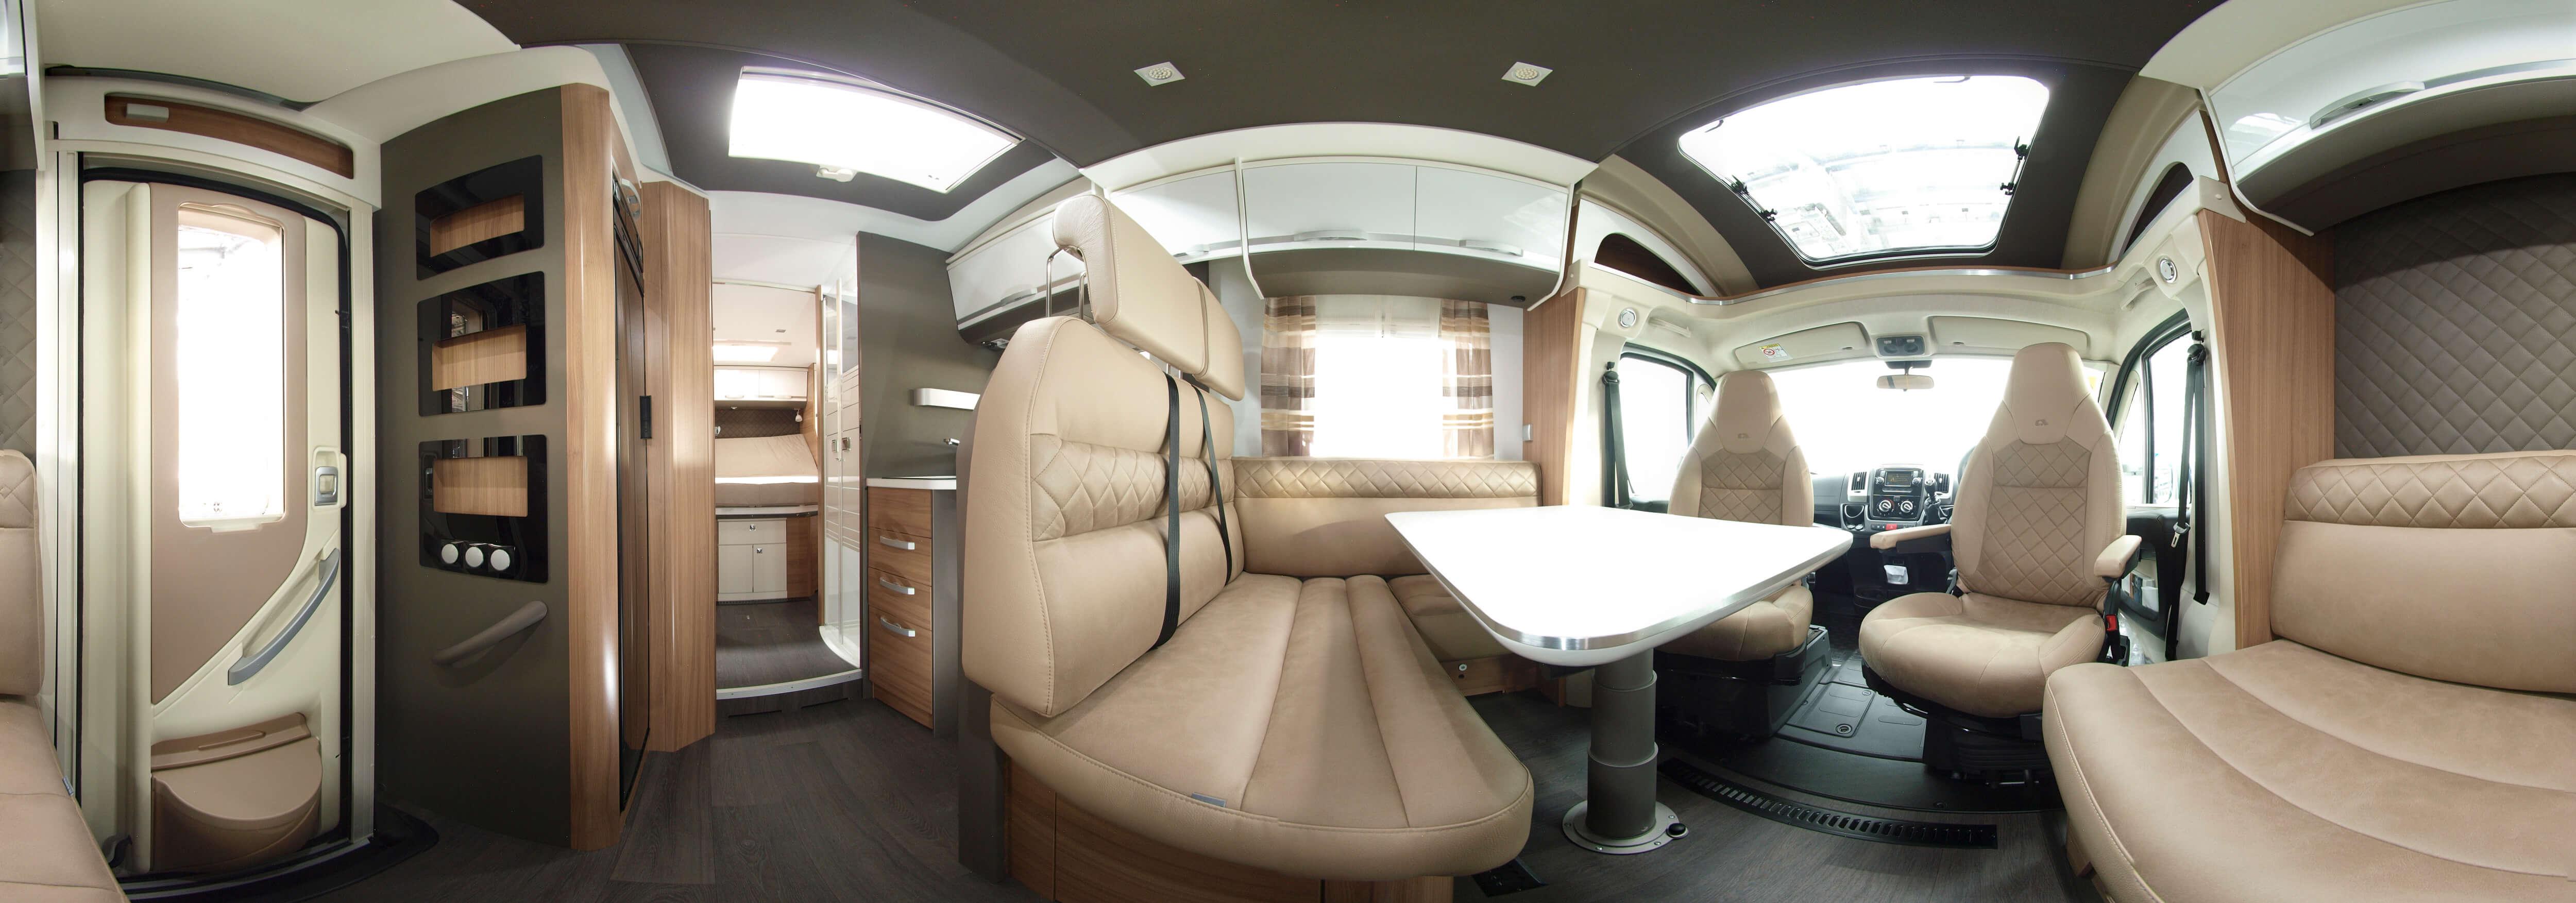 luxoriöses-innenausstattung-eines-adria-wohnmobils-mit-sitzbereich